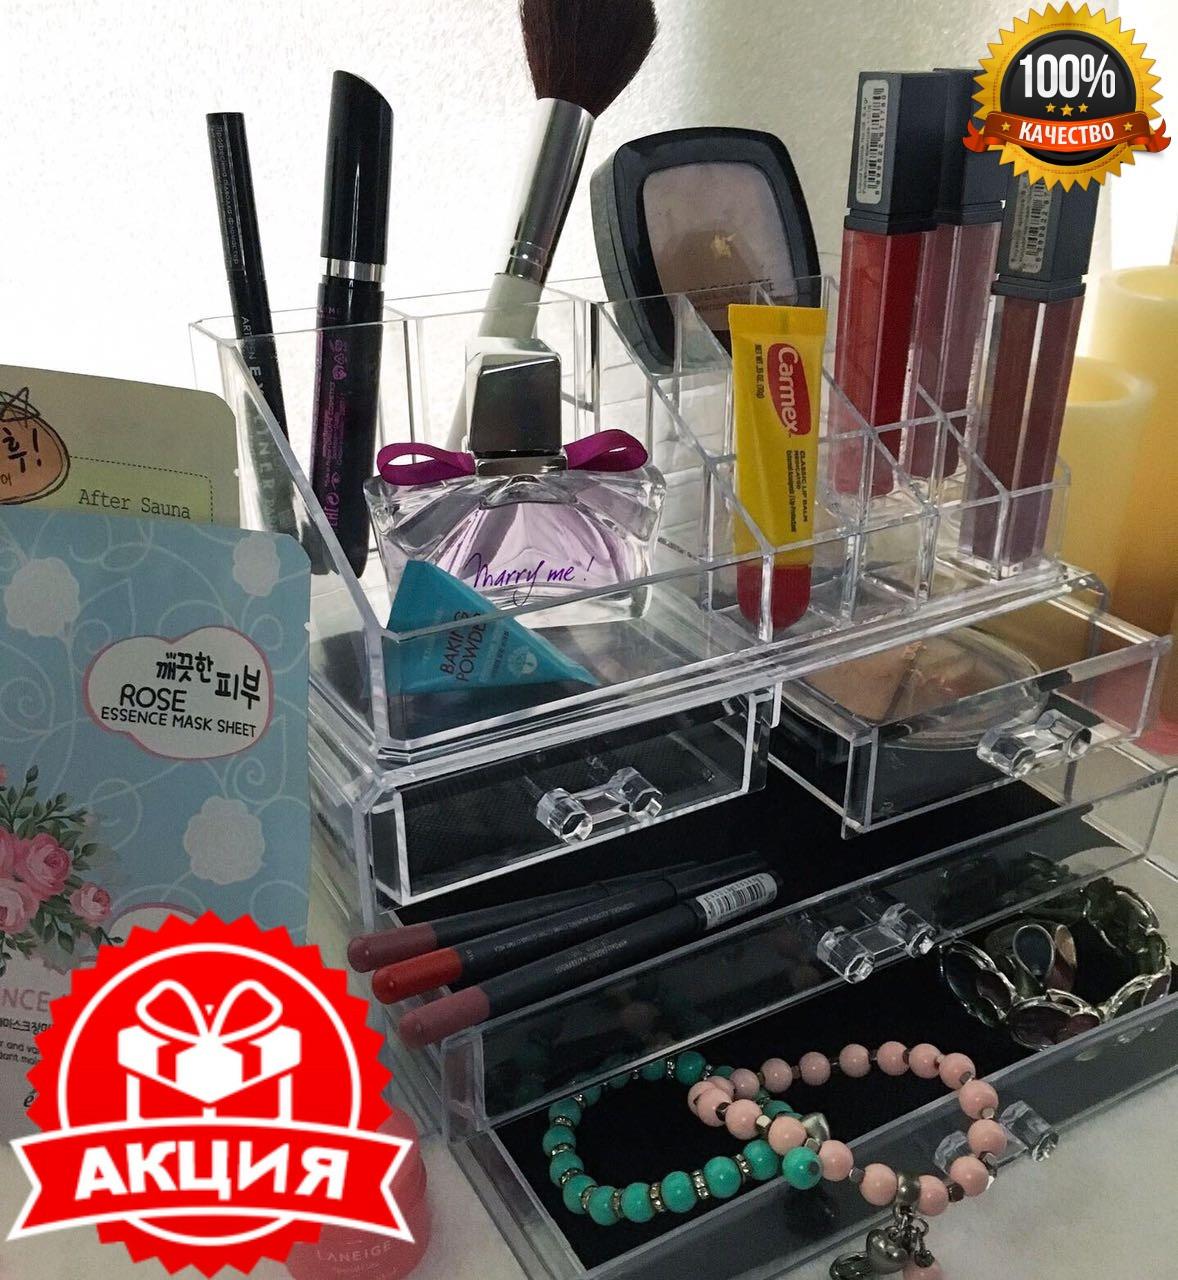 Акриловый органайзер для косметики с 4 ящиками Cosmetic Storage Box настольная косметичка, бокс для косметики